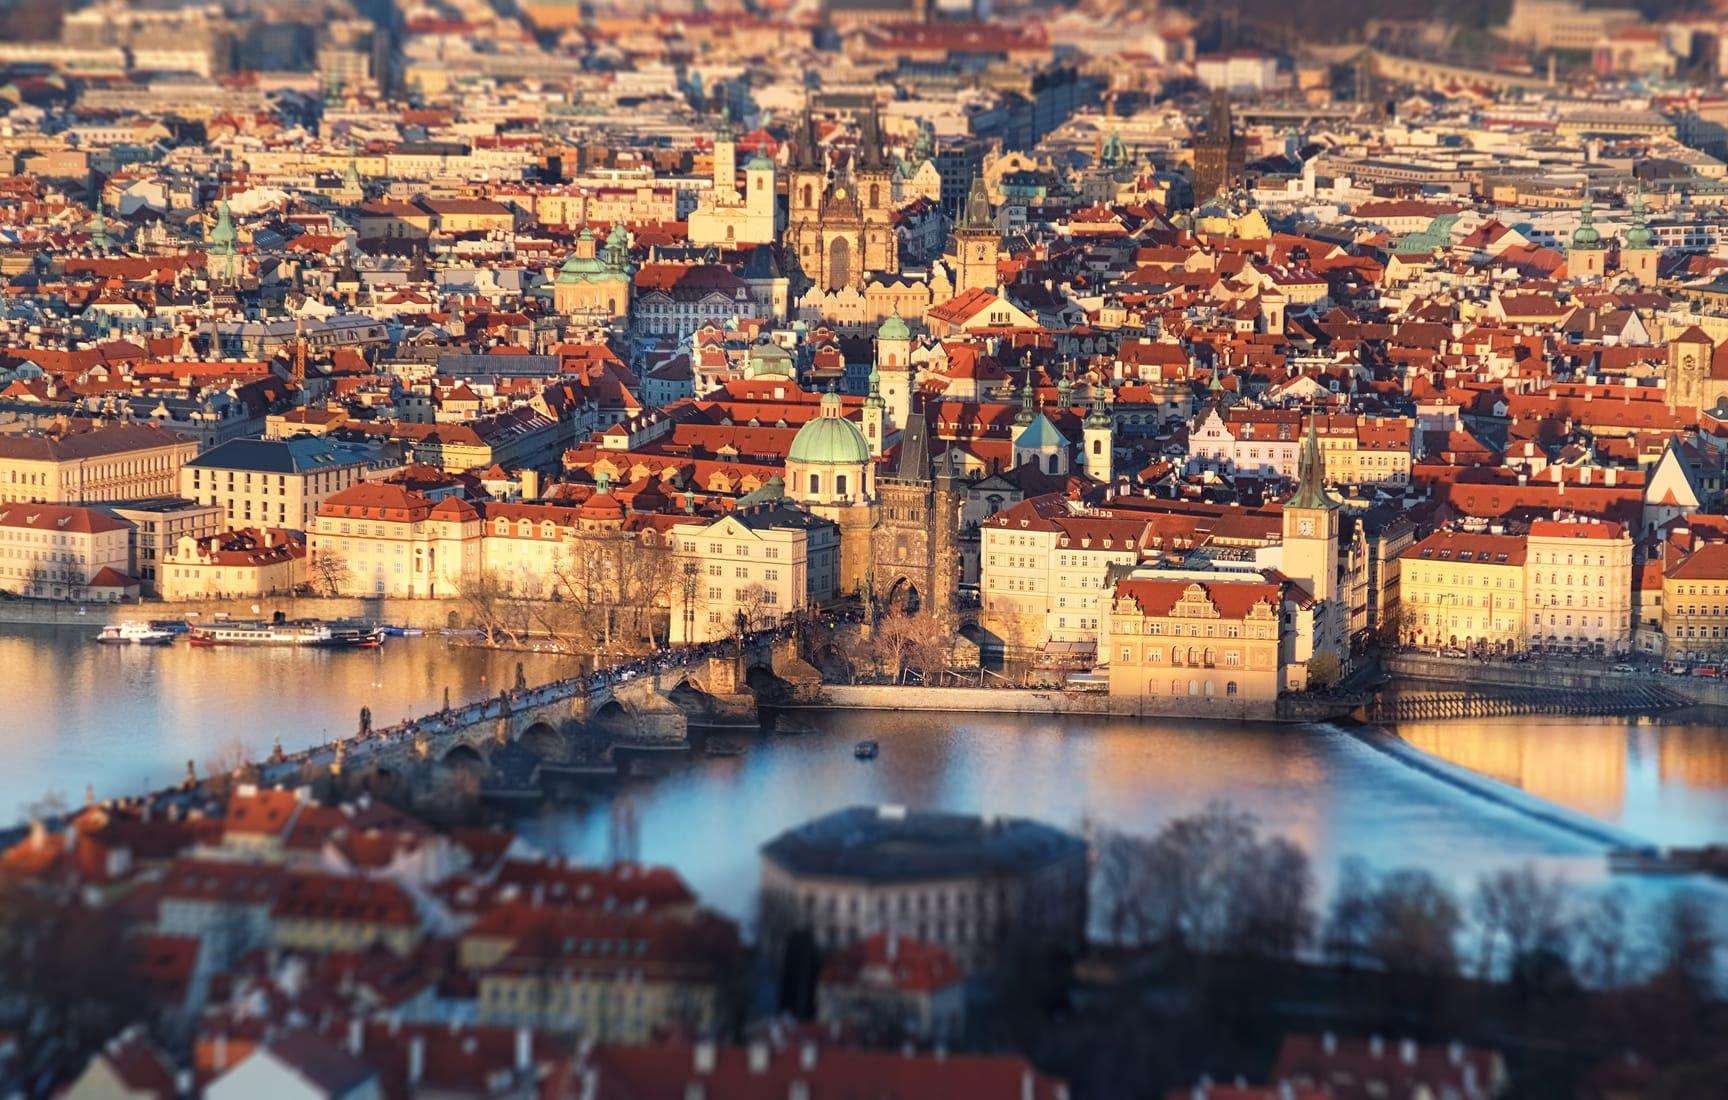 Wycieczki do Pragi – Mala Strana